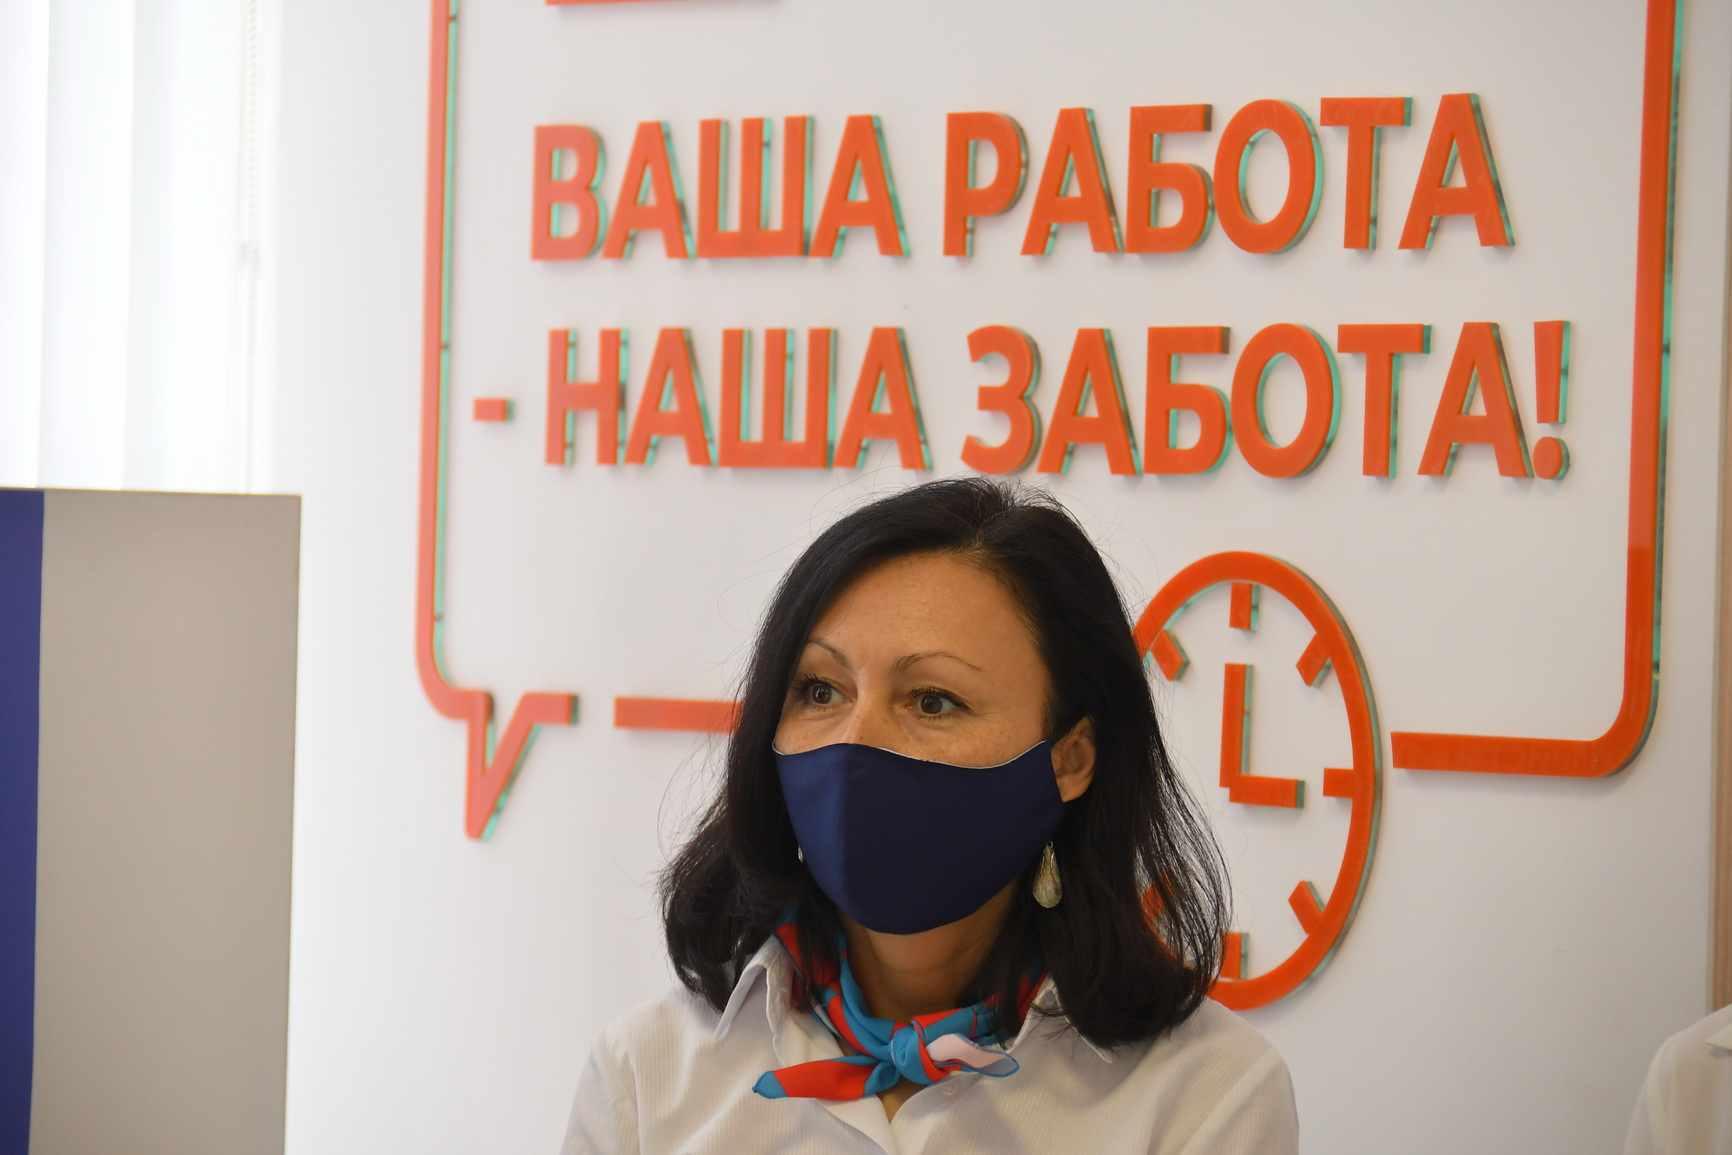 После модернизации открылся обновлённый Центр занятости населения Новороссийска: проще ли станет найти работу?